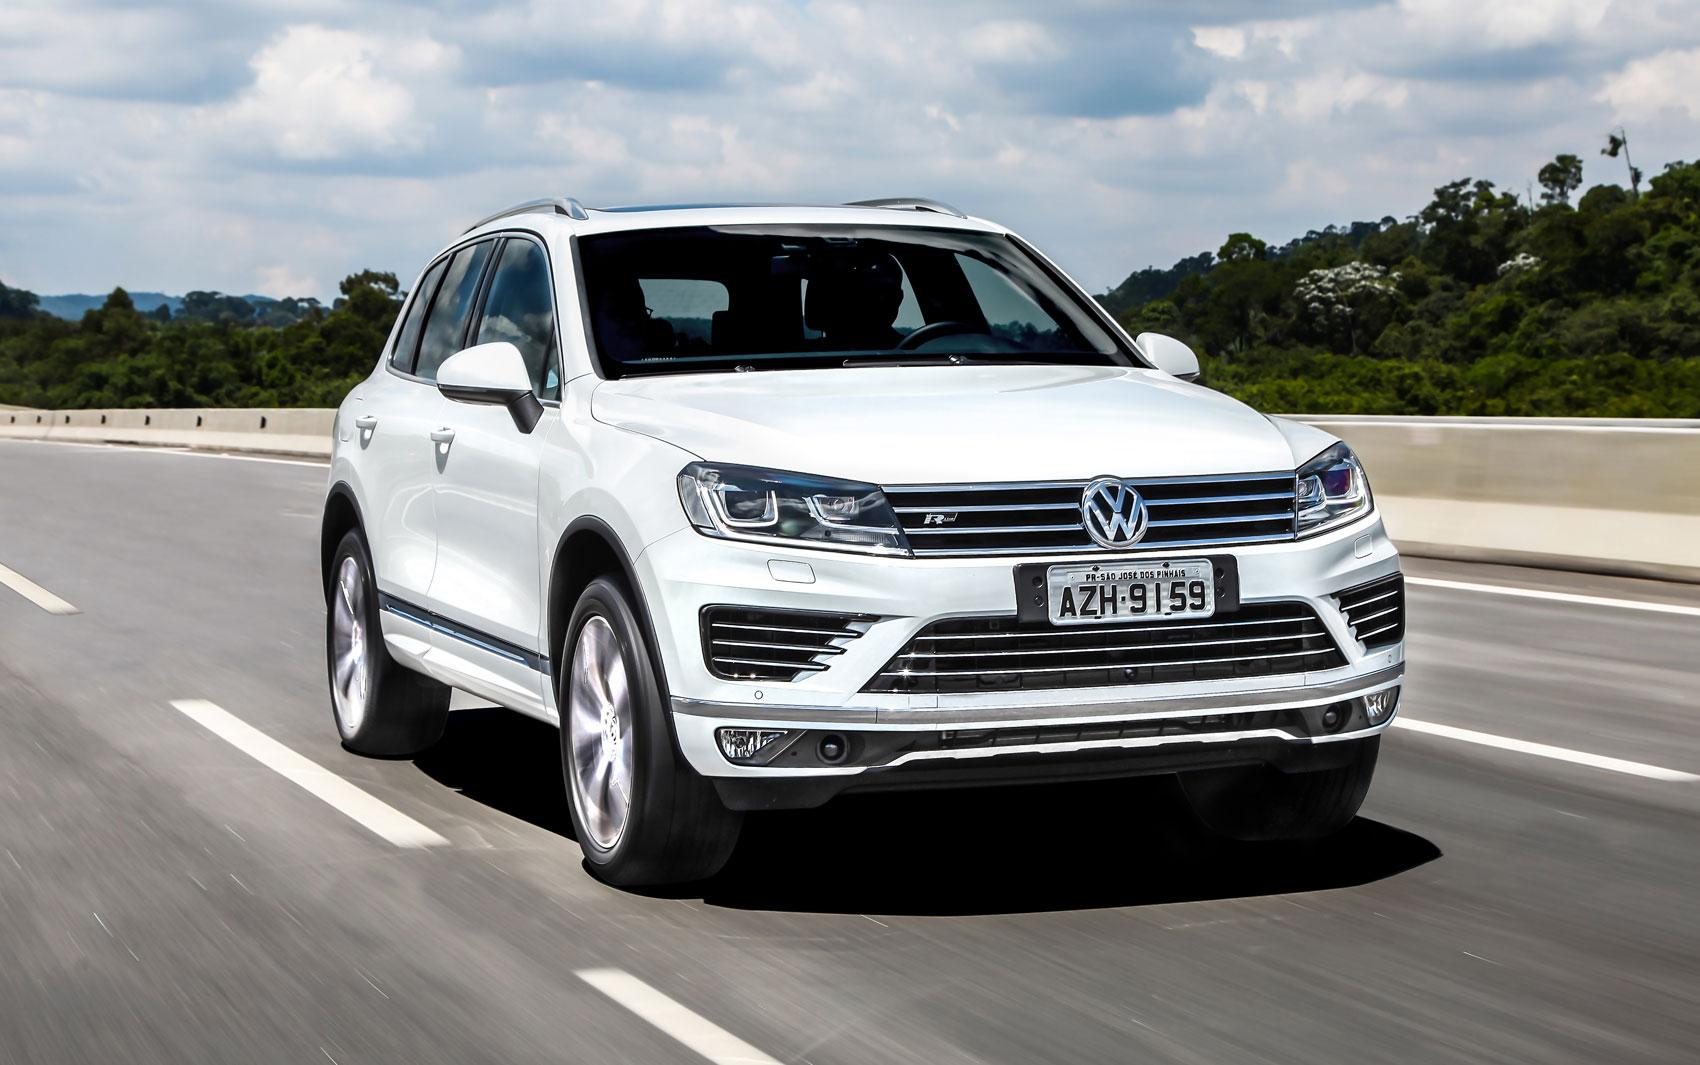 Volkswagen Touareg V8 R-Line 2015